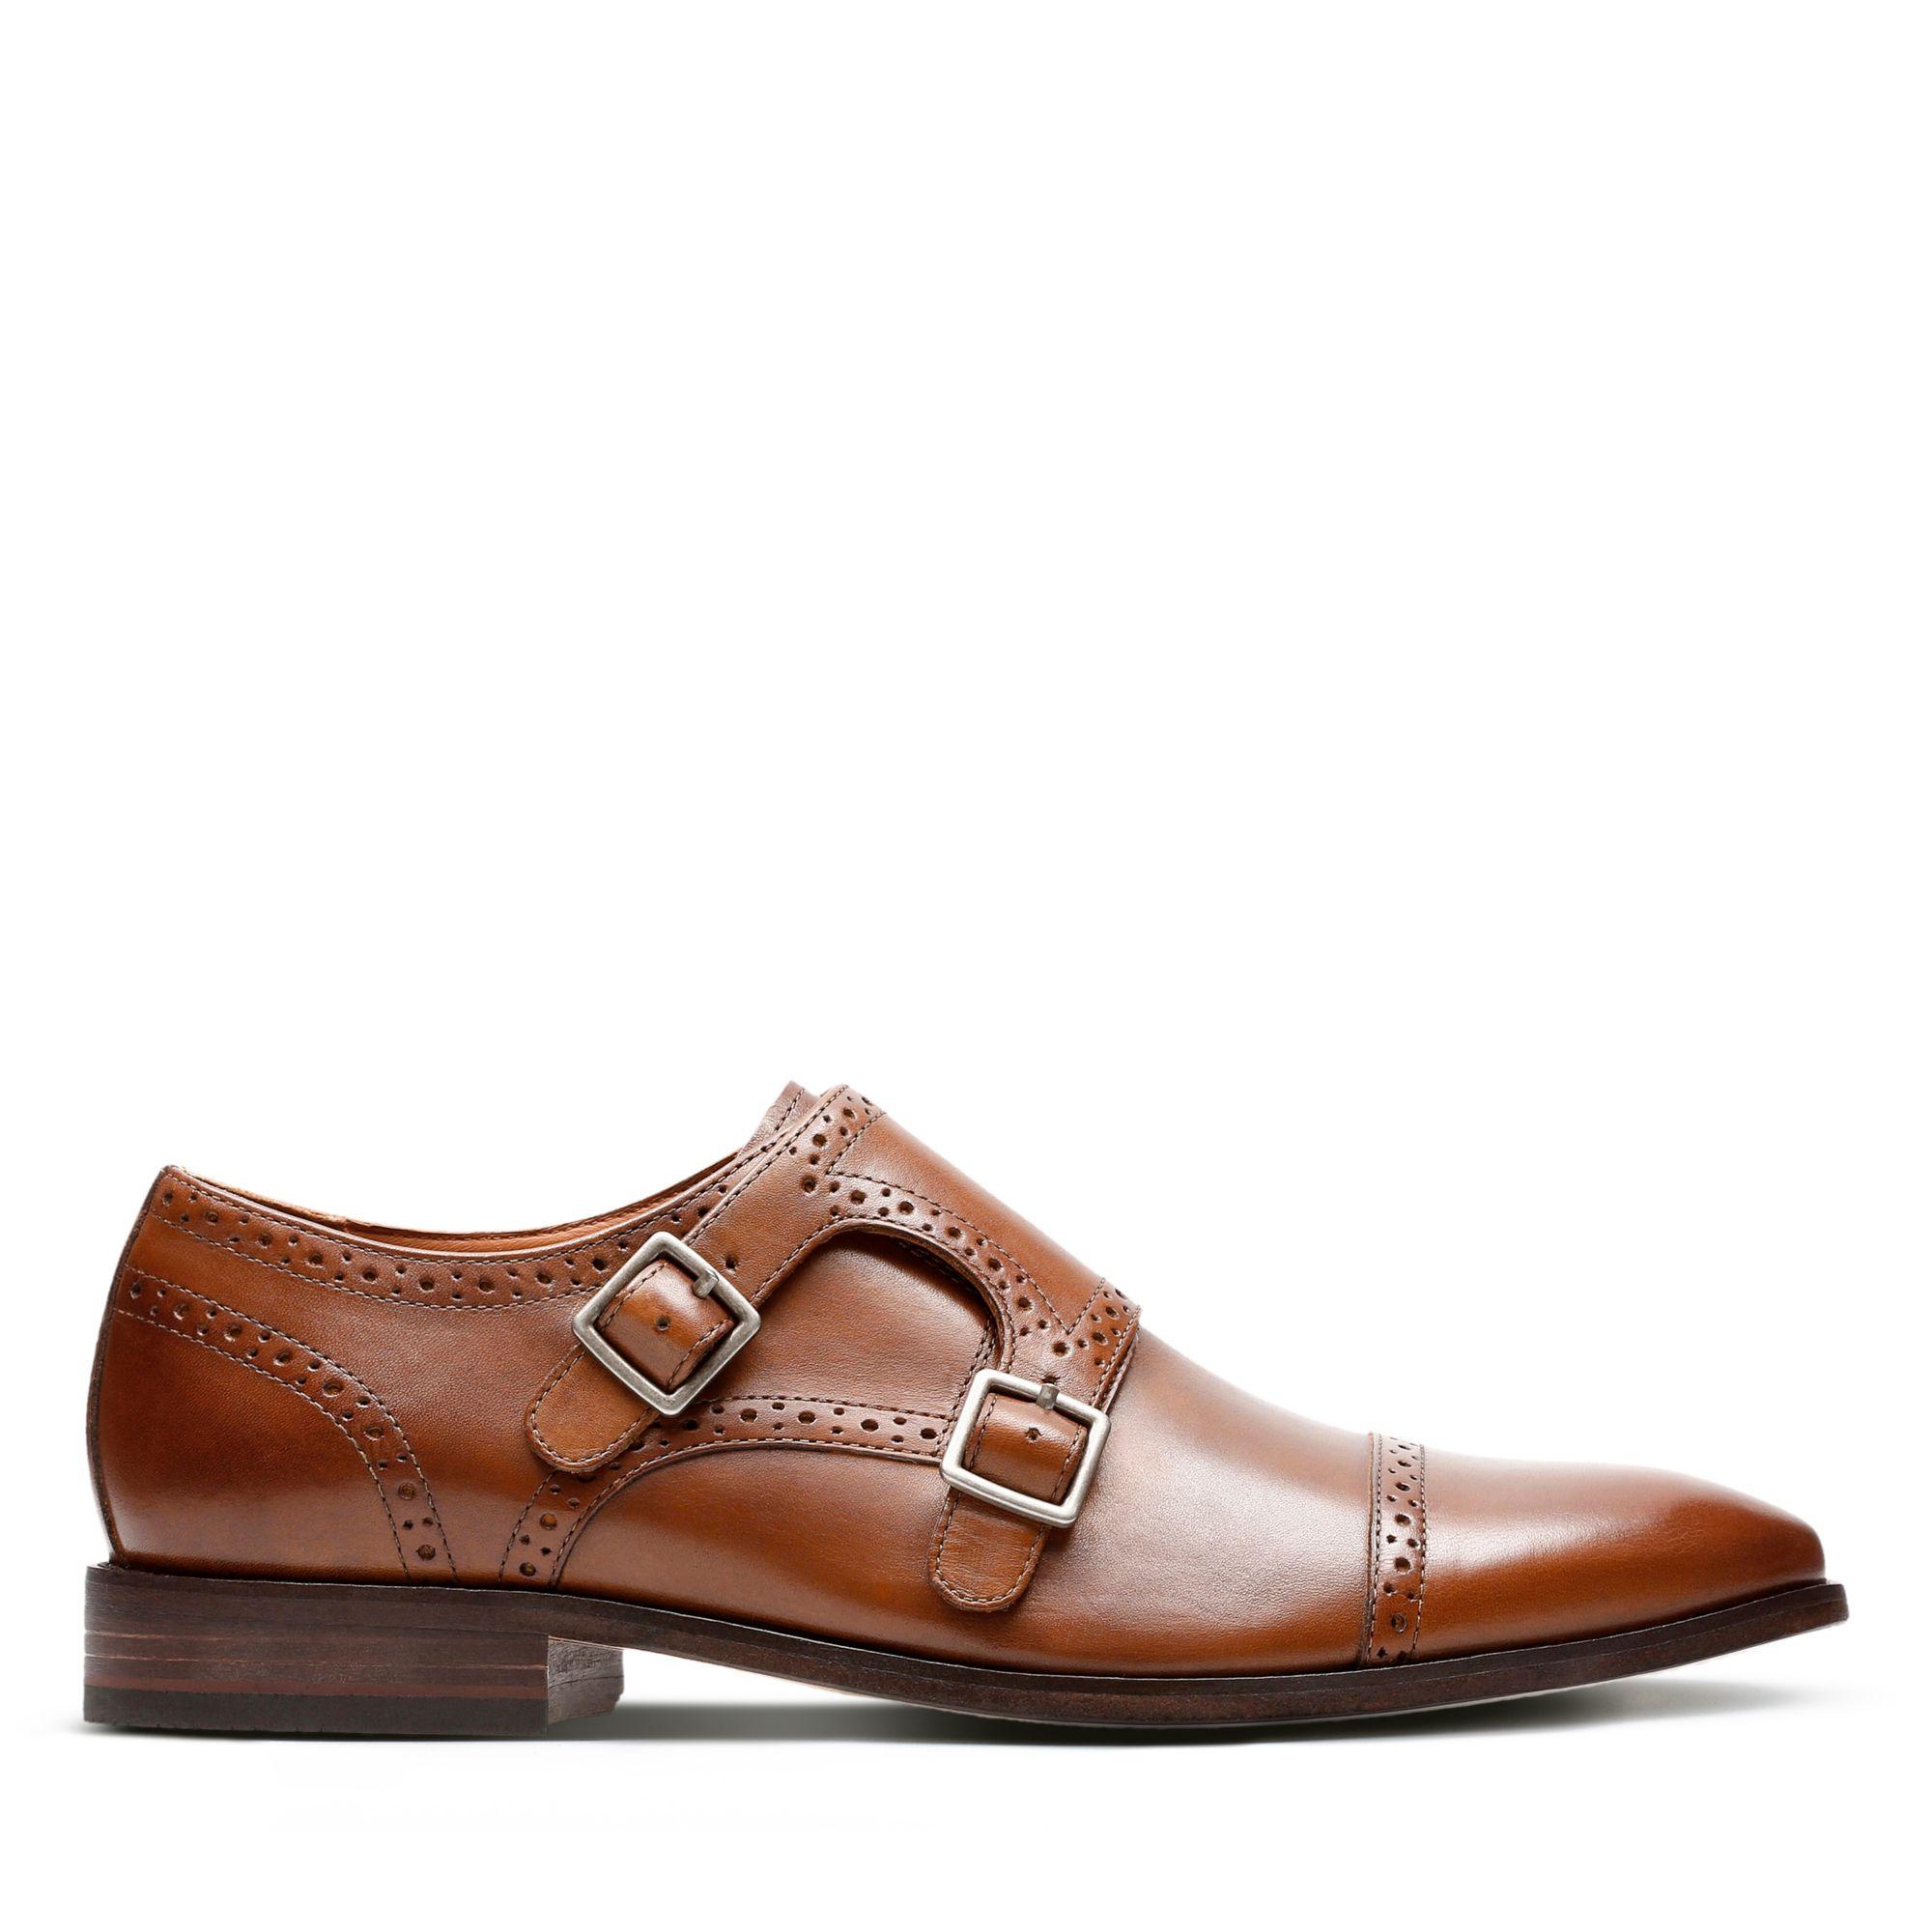 1950s Mens Shoes: Saddle Shoes, Boots, Greaser, Rockabilly Clarks Nantasket Monk - Dark Tan Leather - Mens 12 Medium $120.00 AT vintagedancer.com